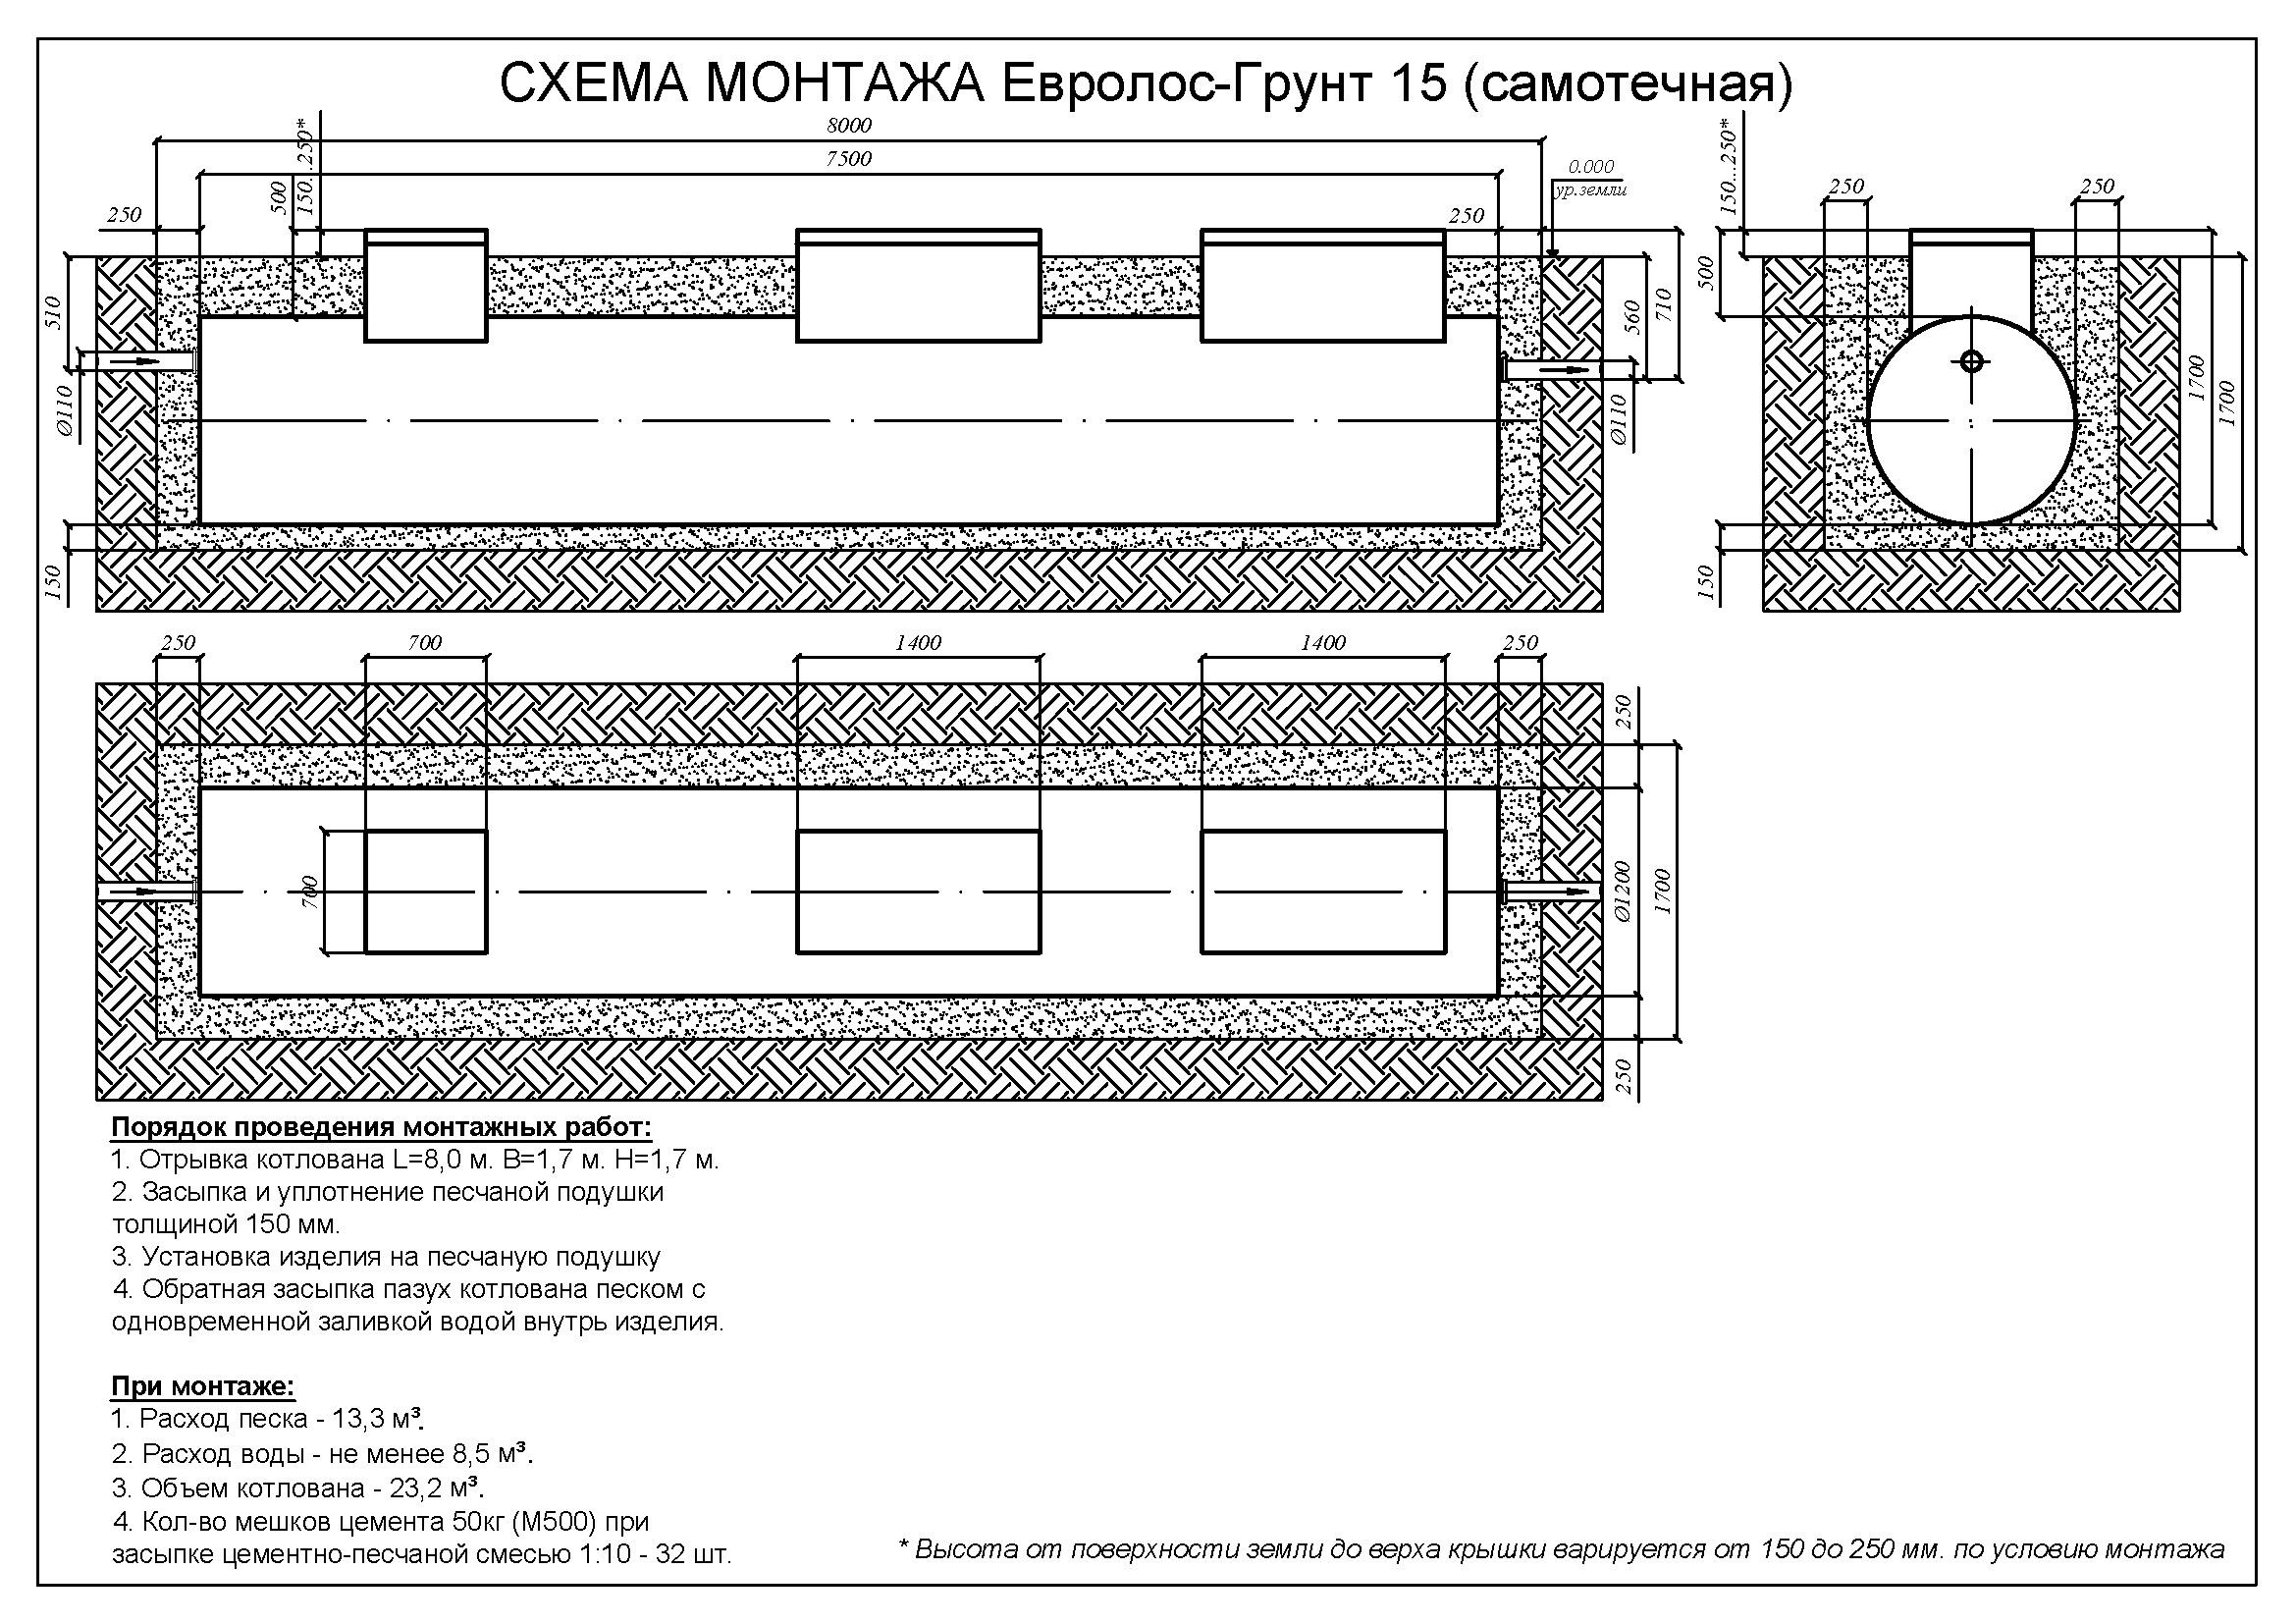 Монтажные схемы Евролос Грунт_Страница_15